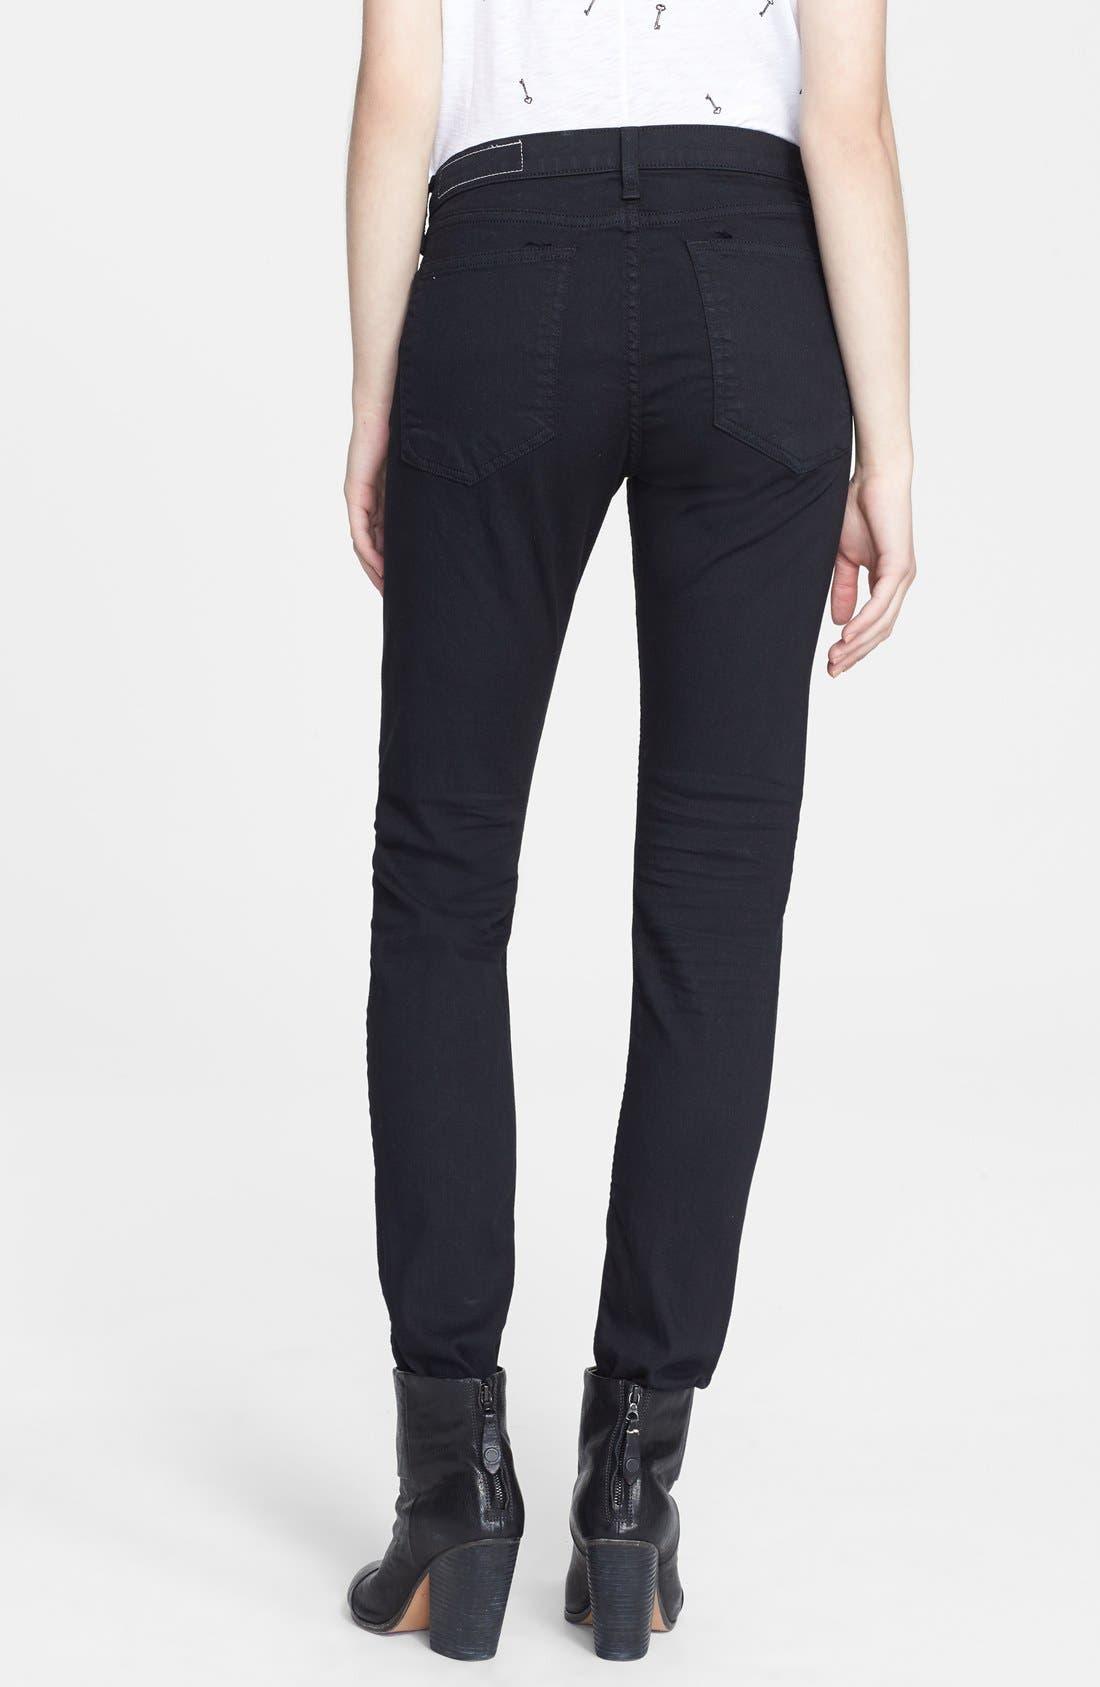 Alternate Image 2  - rag & bone/JEAN 'The Dre' Skinny Jeans (Aged Black)